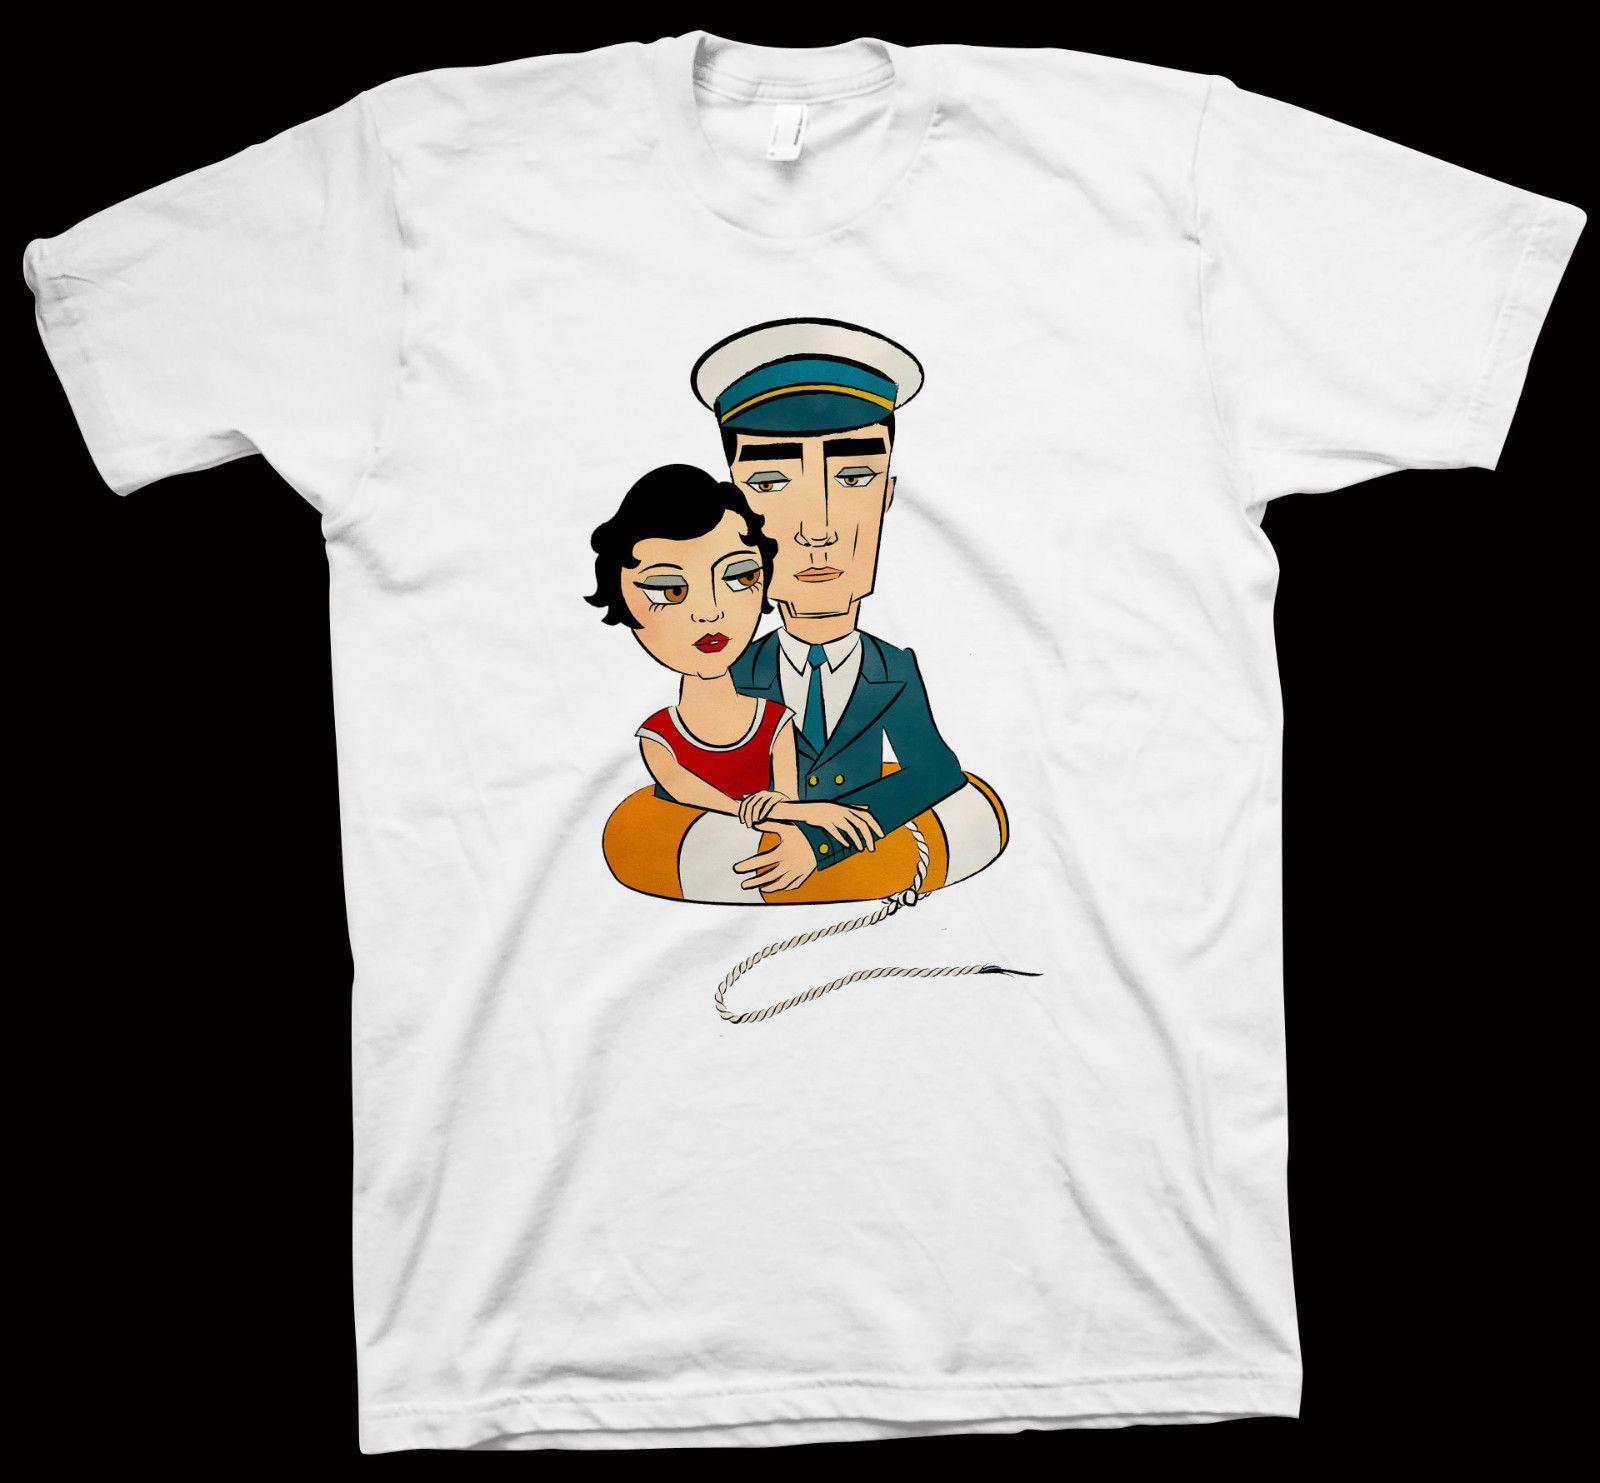 37e0d6d1 Steamboat Bill, Jr. T-Shirt Charles Reisner, Buster Keaton ...